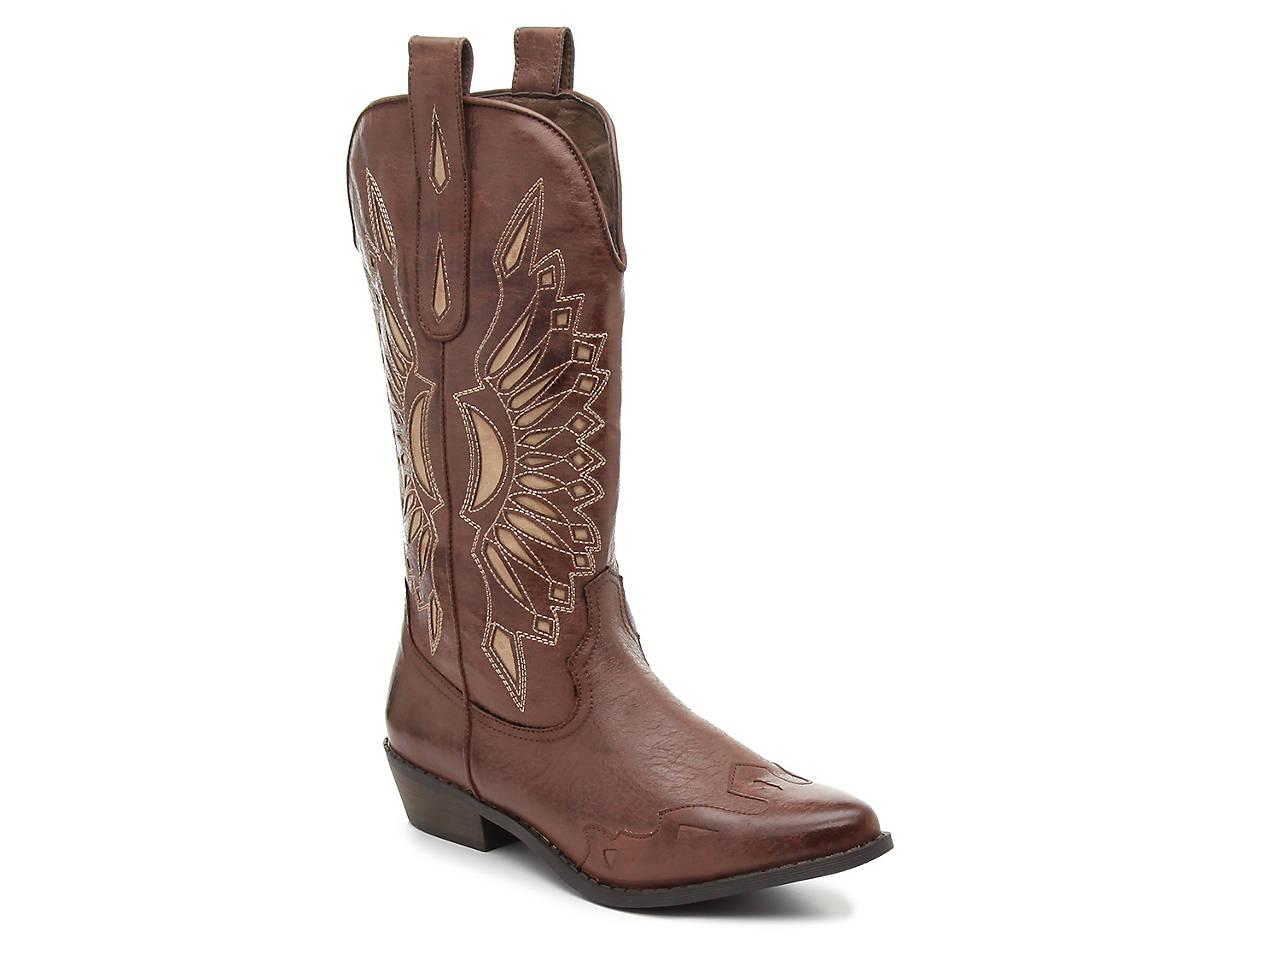 1520559d159 Bandera Cowboy Boot